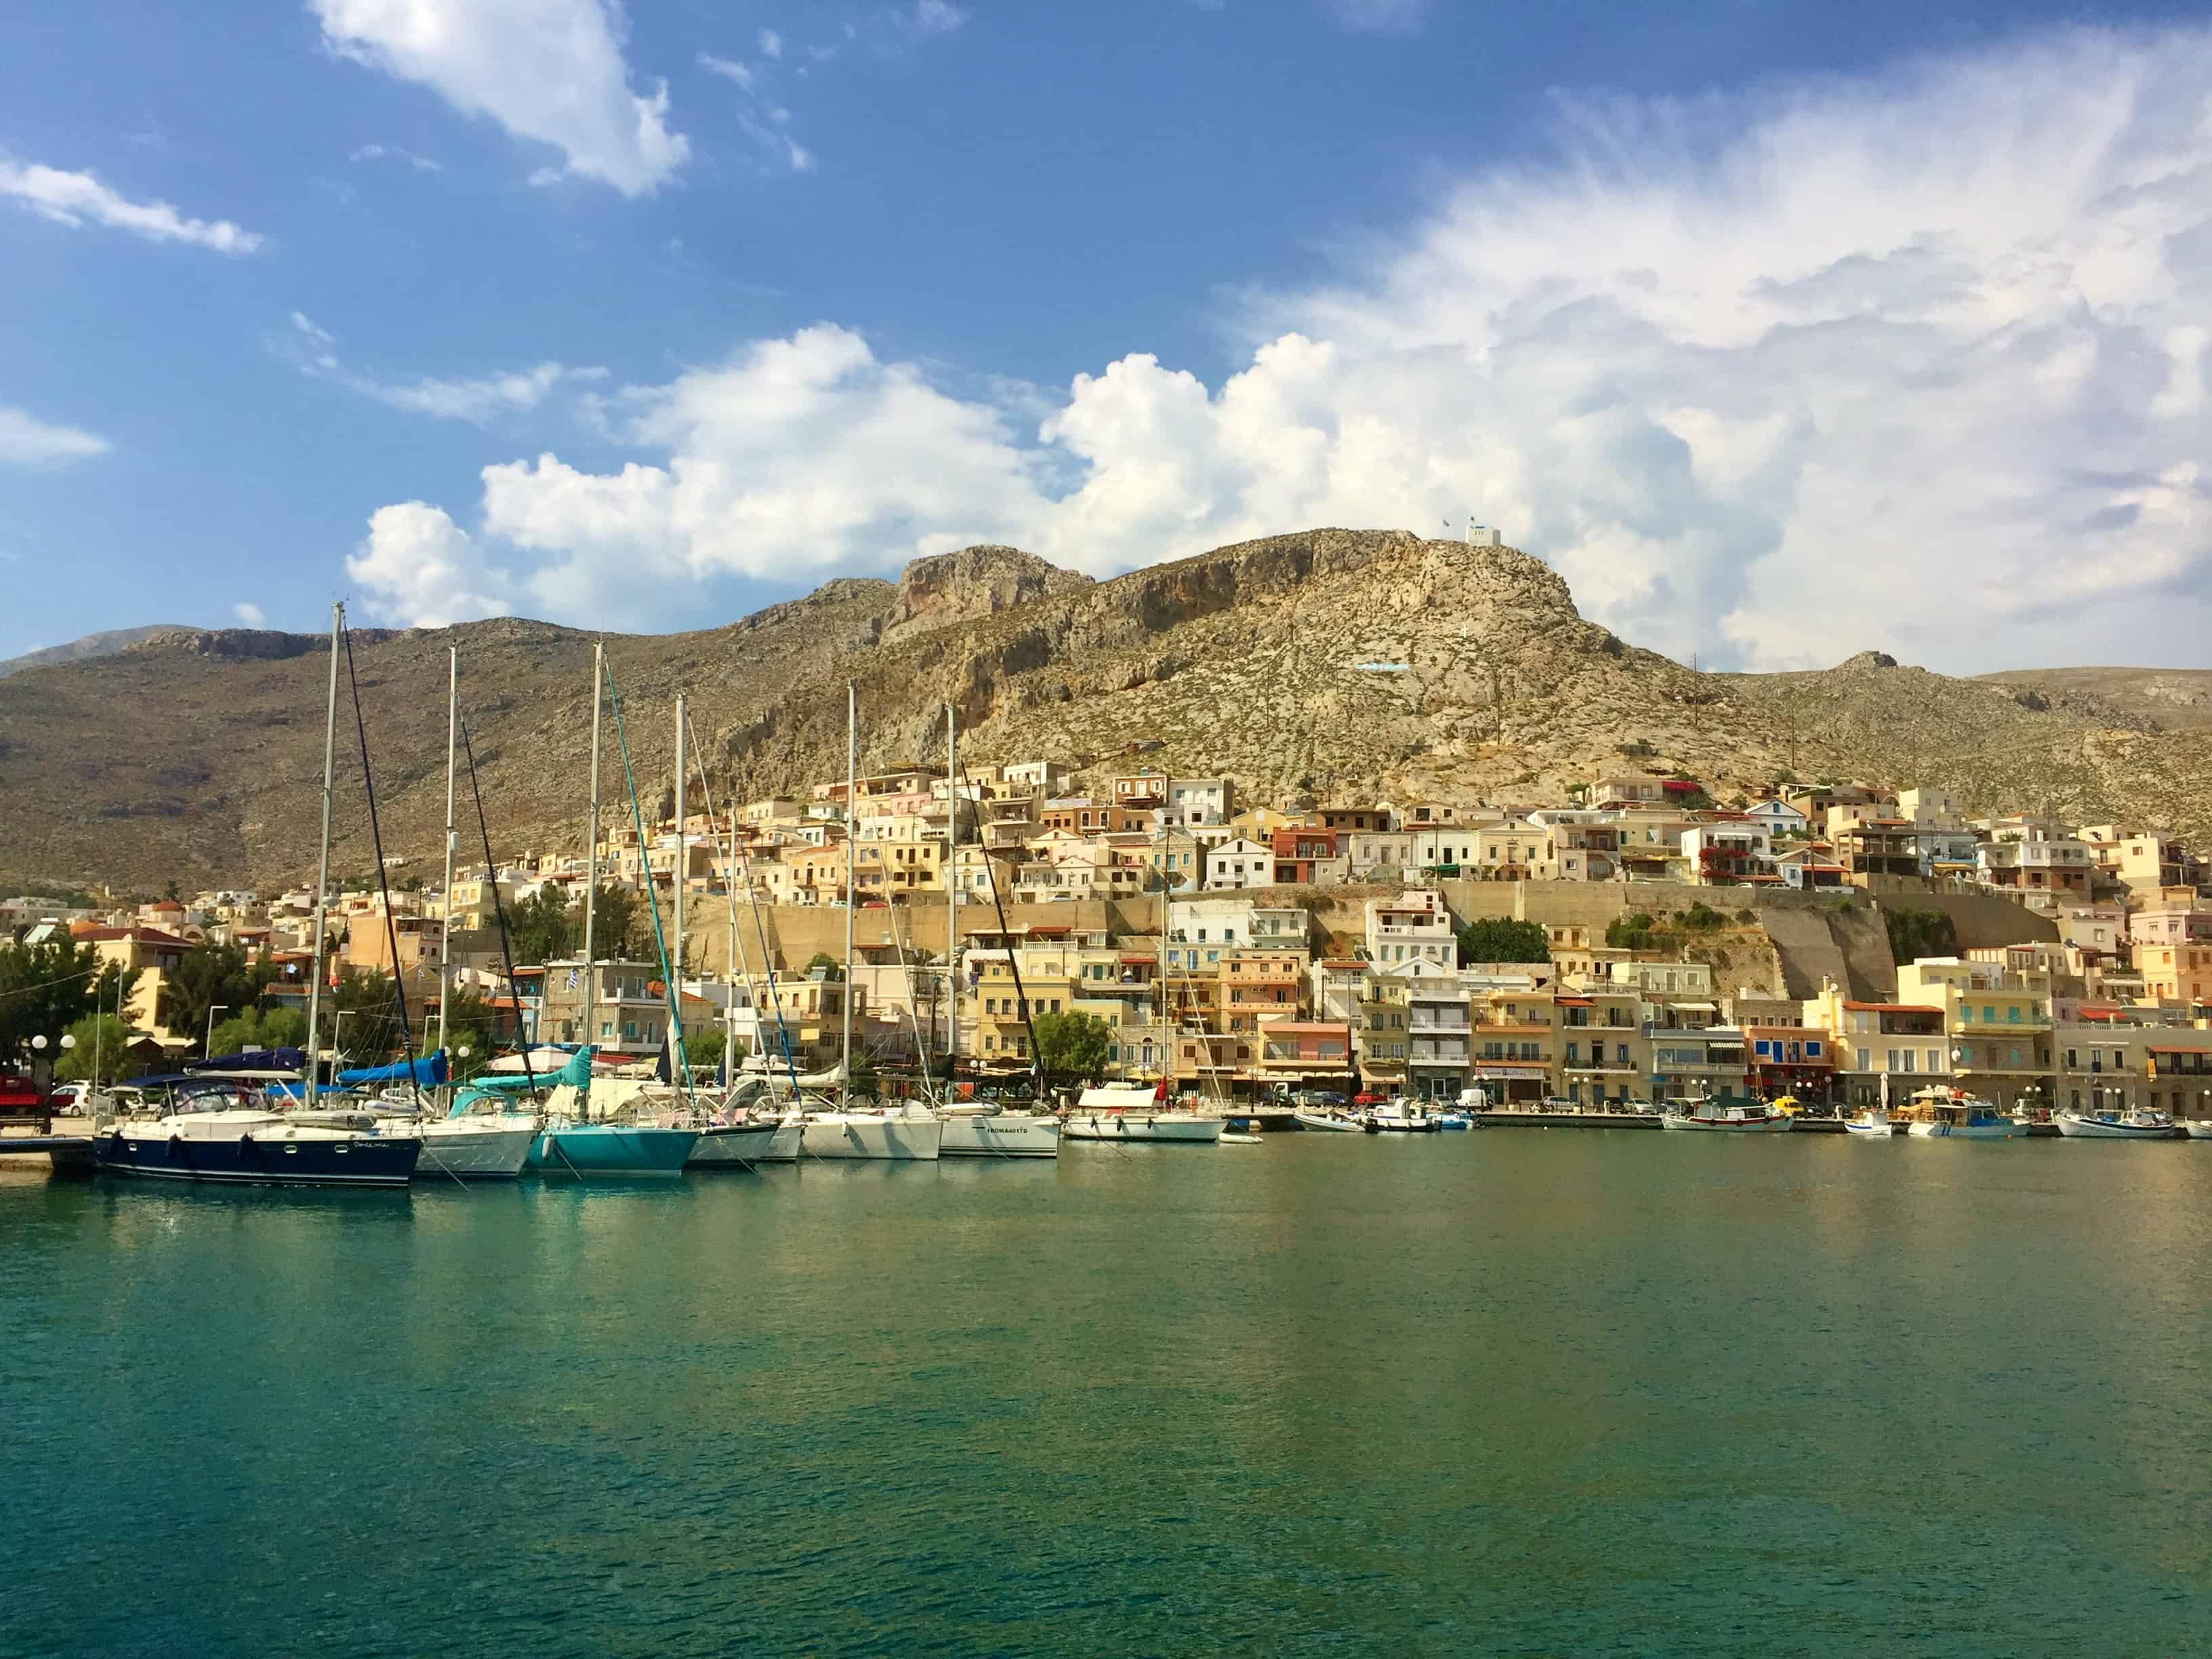 De haven van Kalymnos, Griekenland